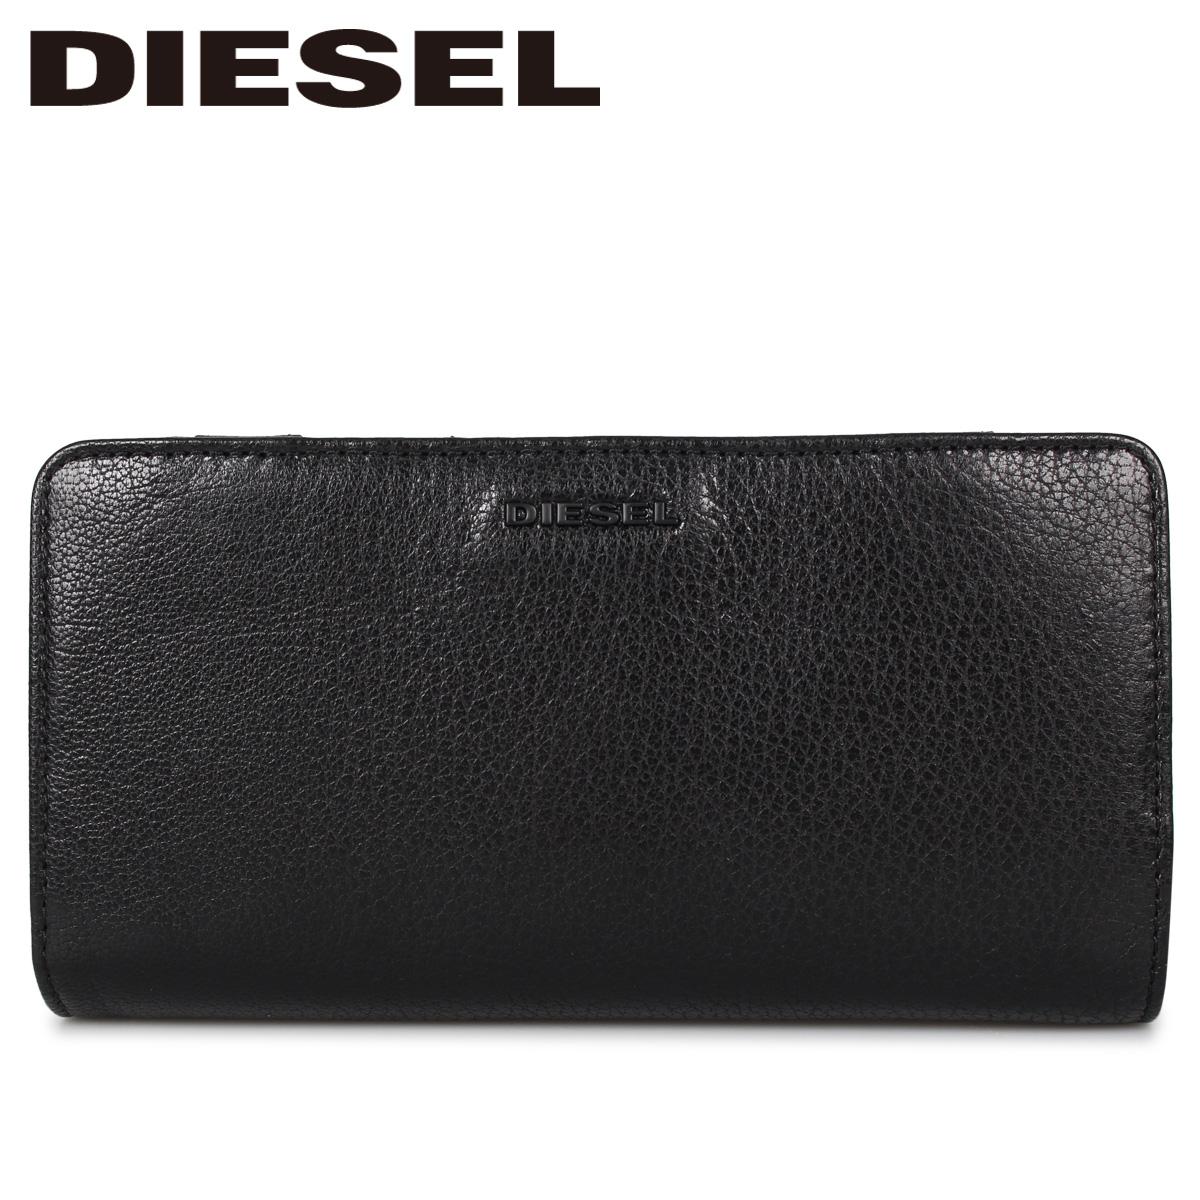 ディーゼル DIESEL 財布 長財布 メンズ L字ファスナー V-24 ZIP ブラック 黒 X06644-P3043